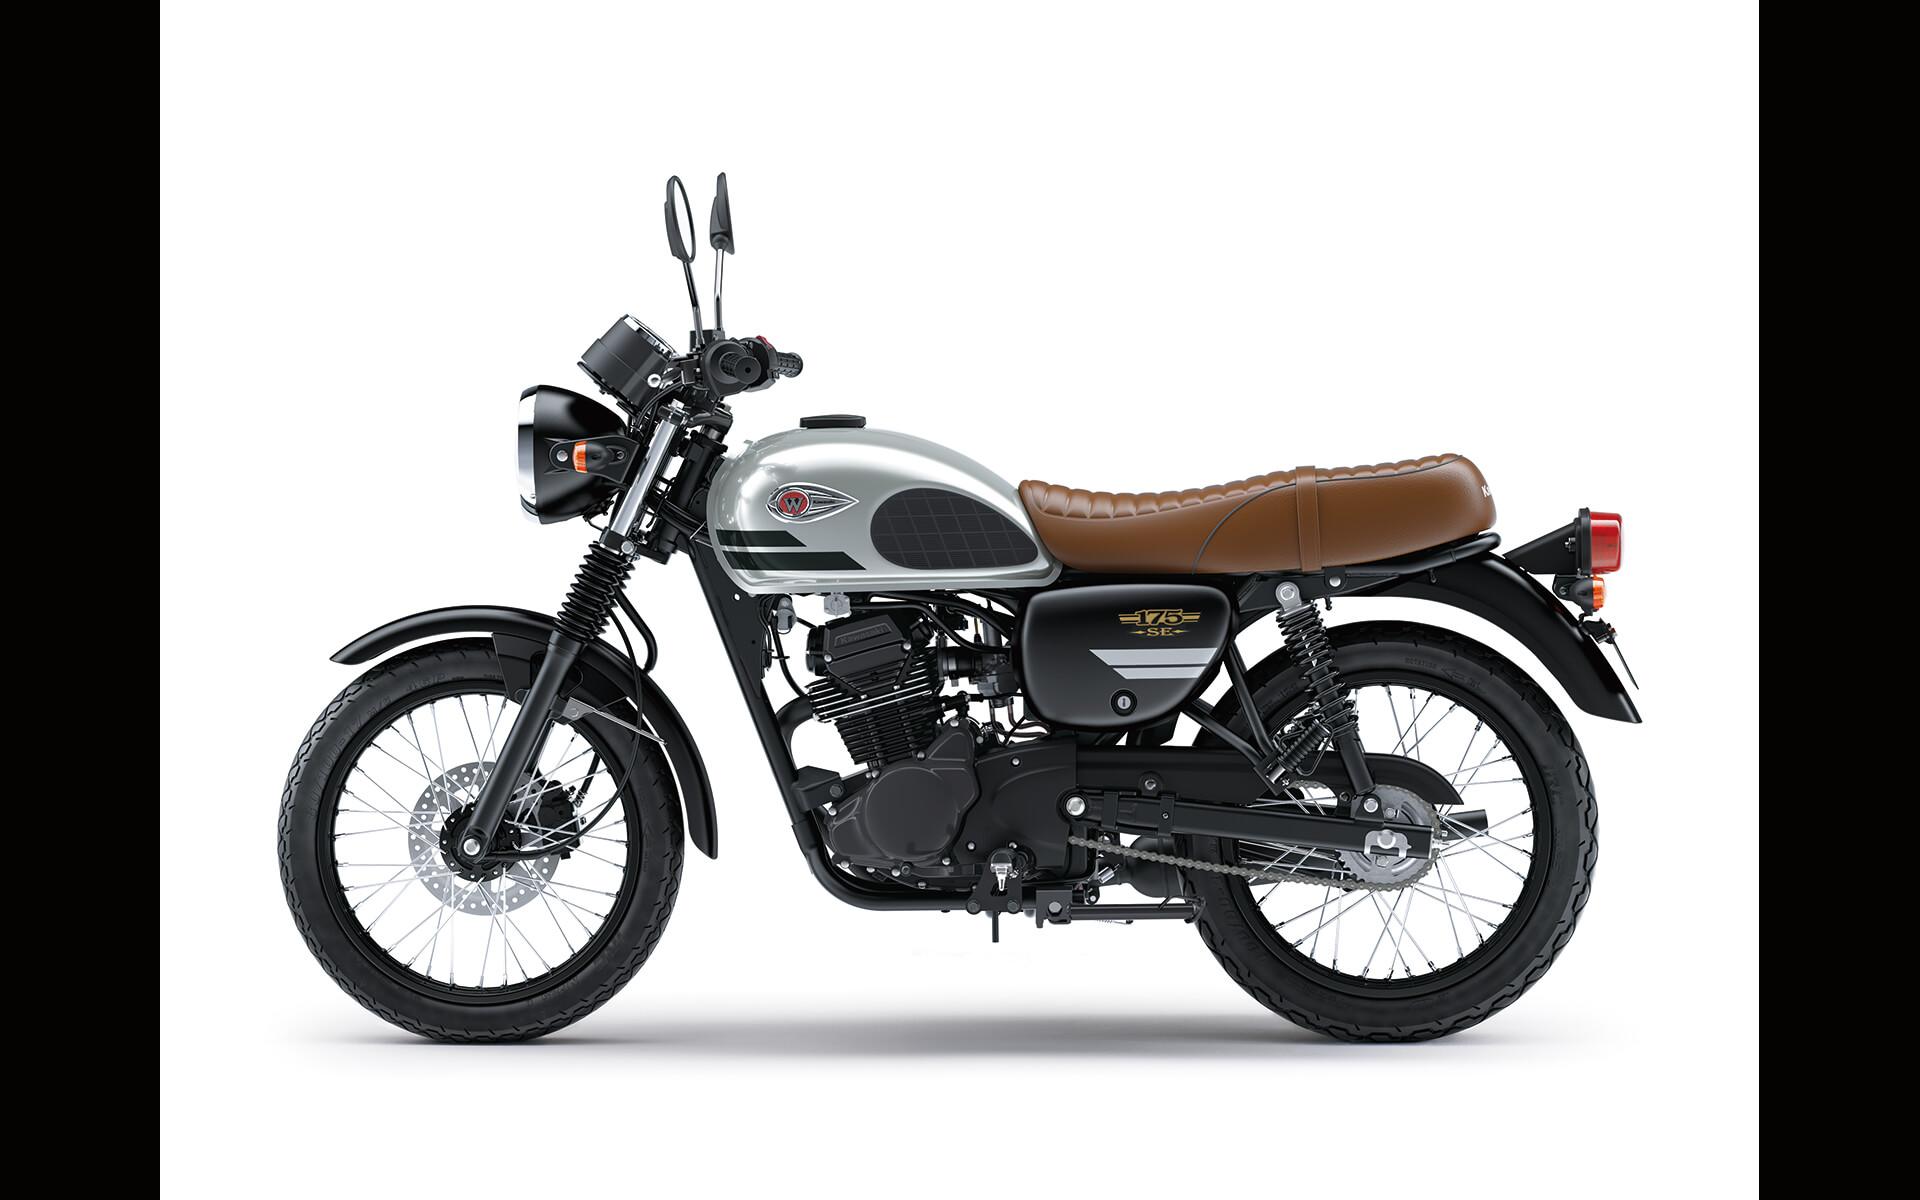 2019 Kawasaki W175 Se Authentic Retro Fun Ride Iconic